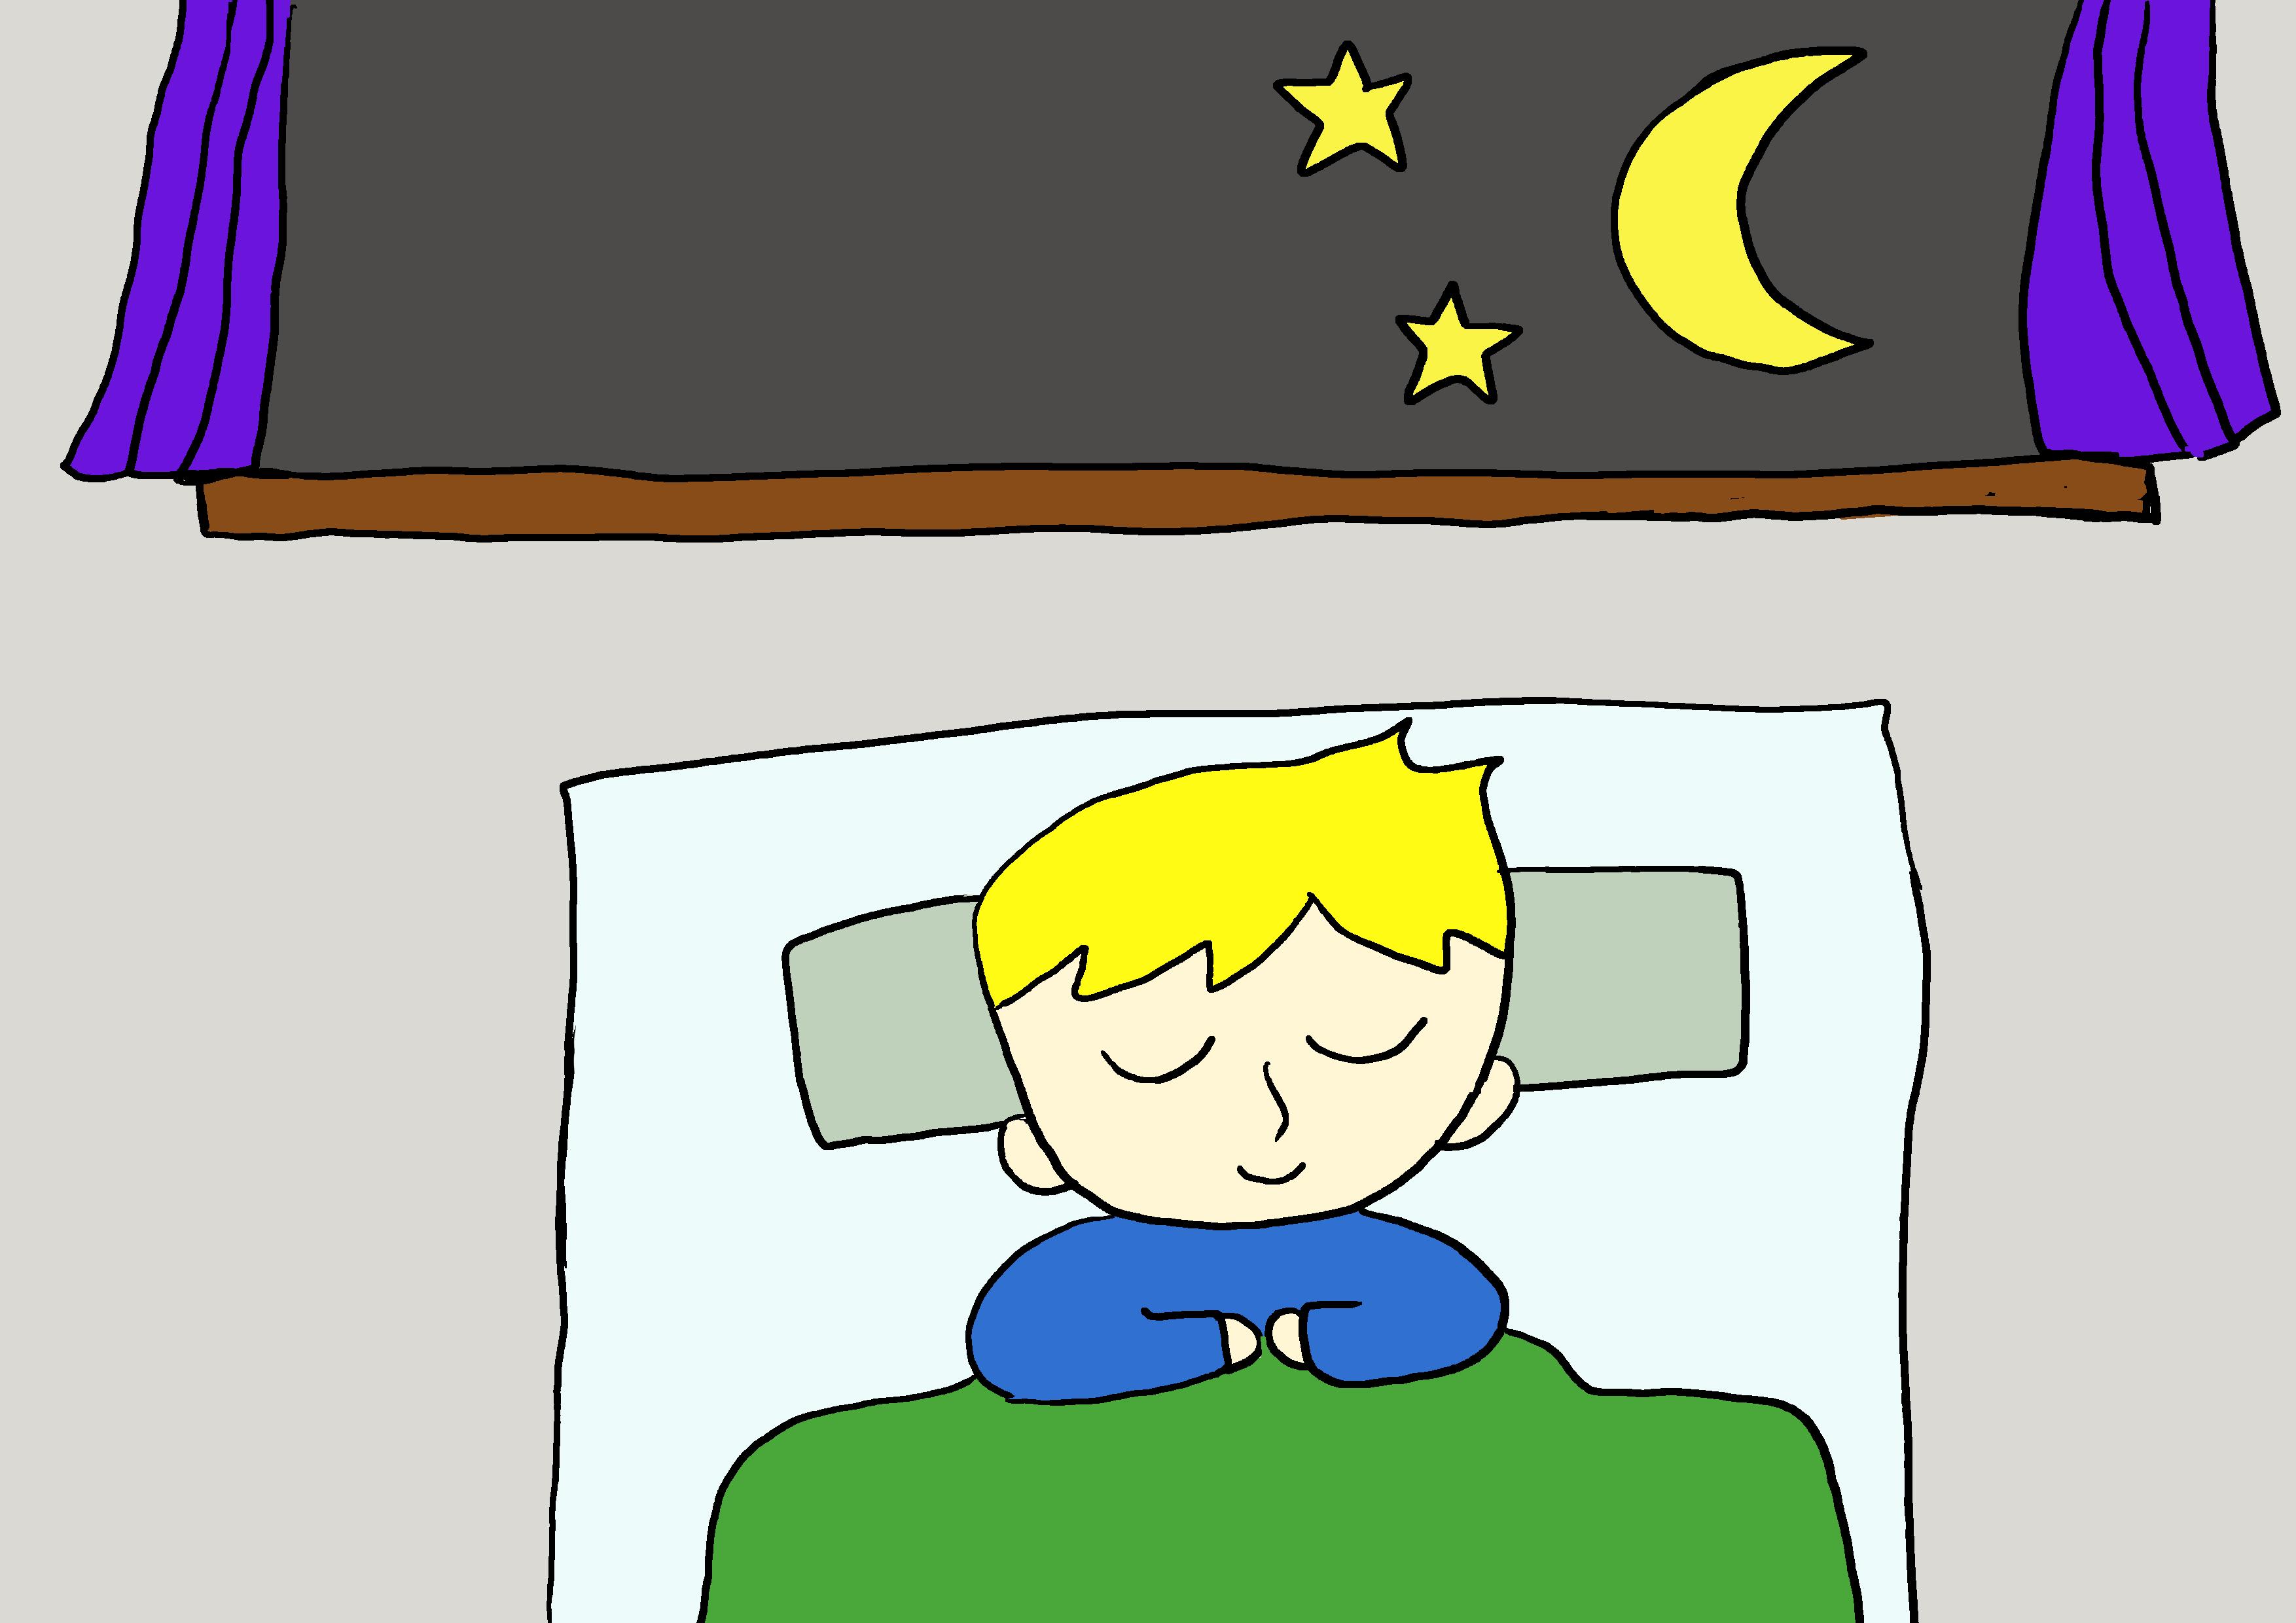 商用フリーイラスト【寝る】